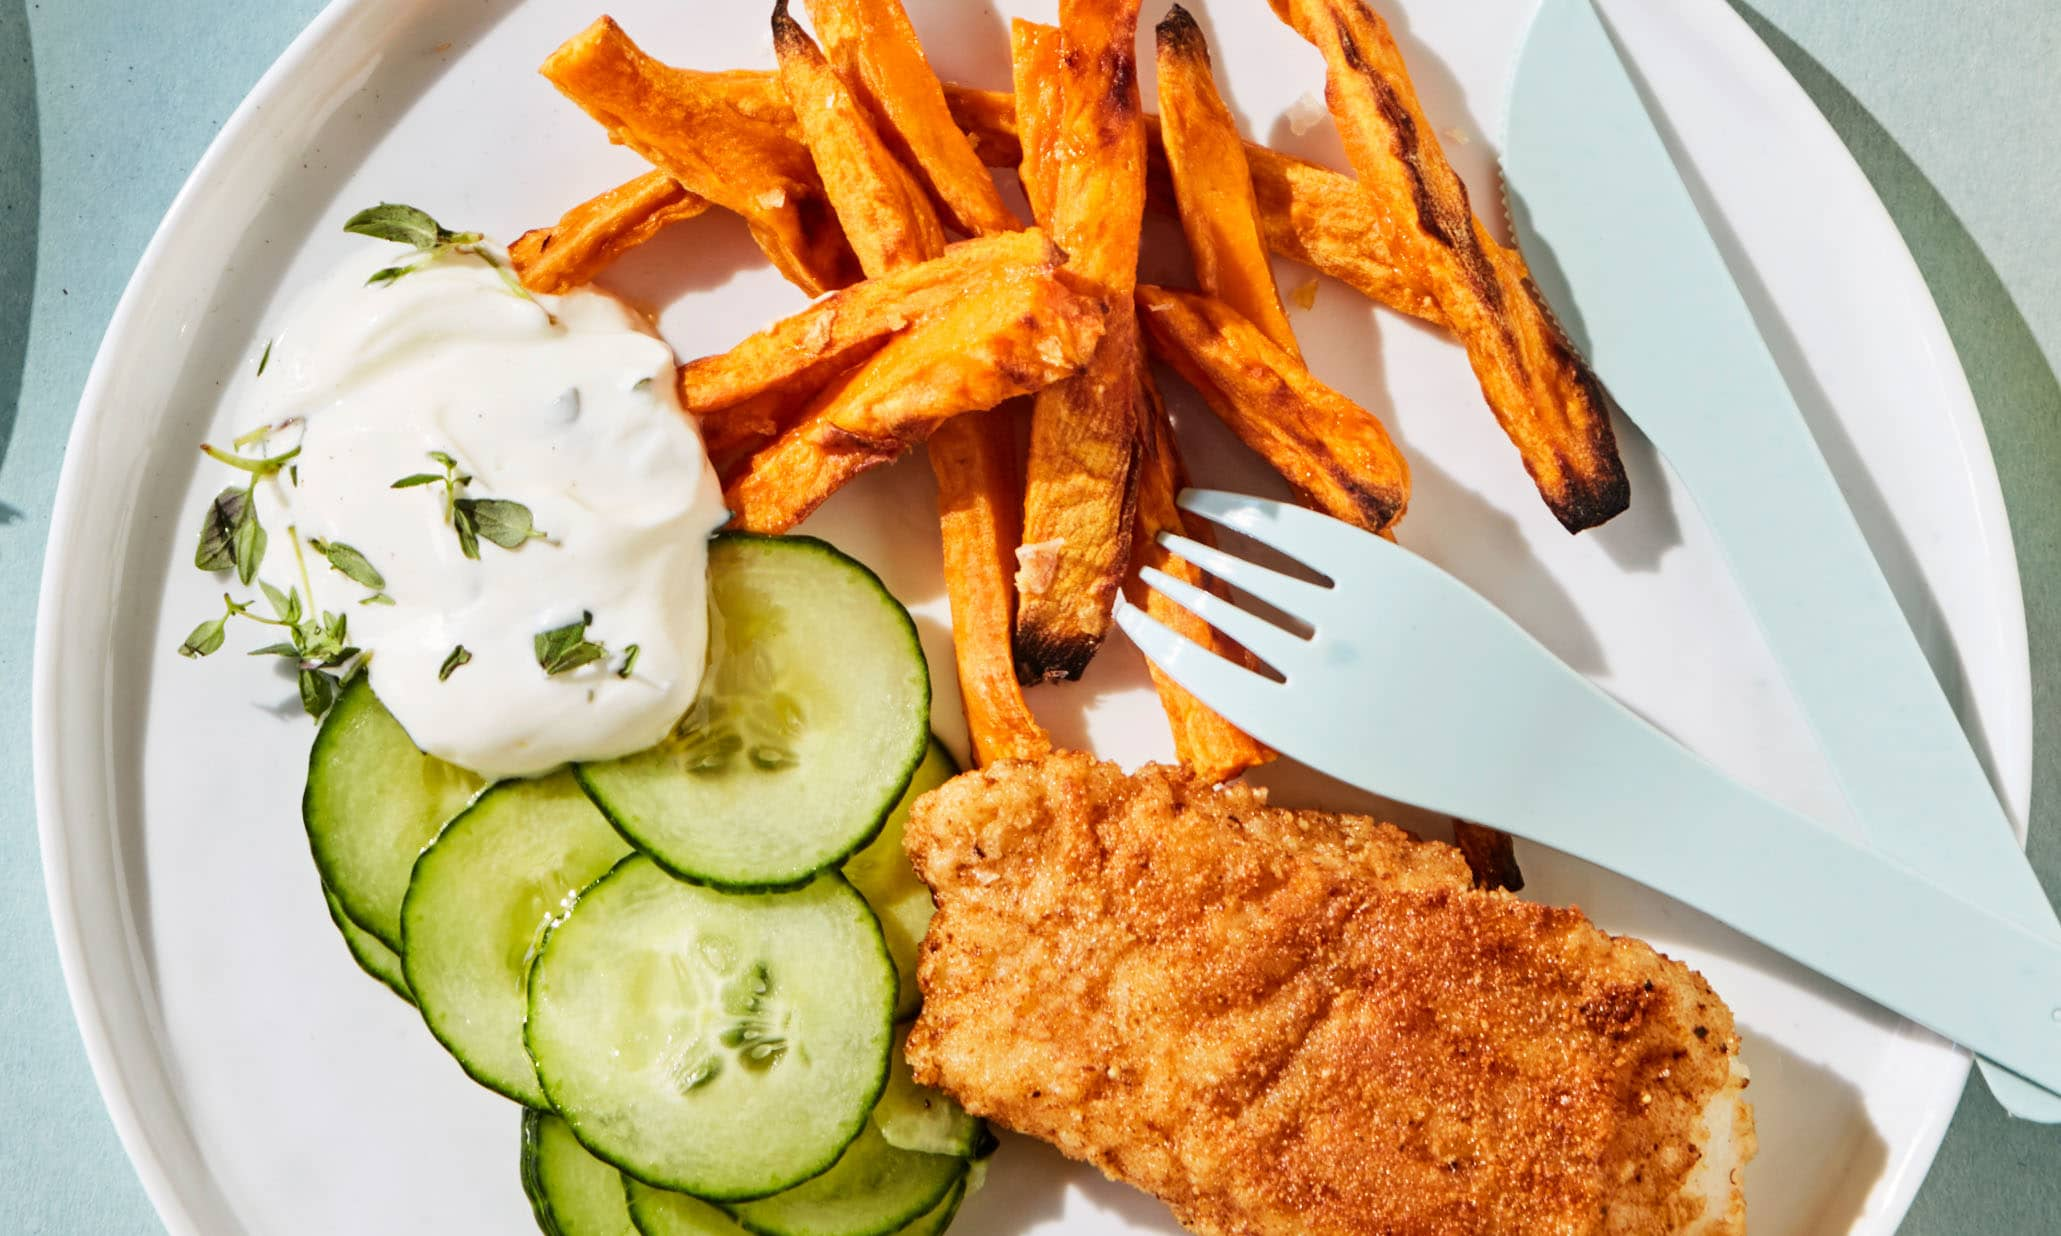 SPRØTT TILBEHØR: Søtpotetfries smaker godt til så mangt – også alle typer fiskepinner, panert fisk og fiskekaker. FOTO: KIWI.no